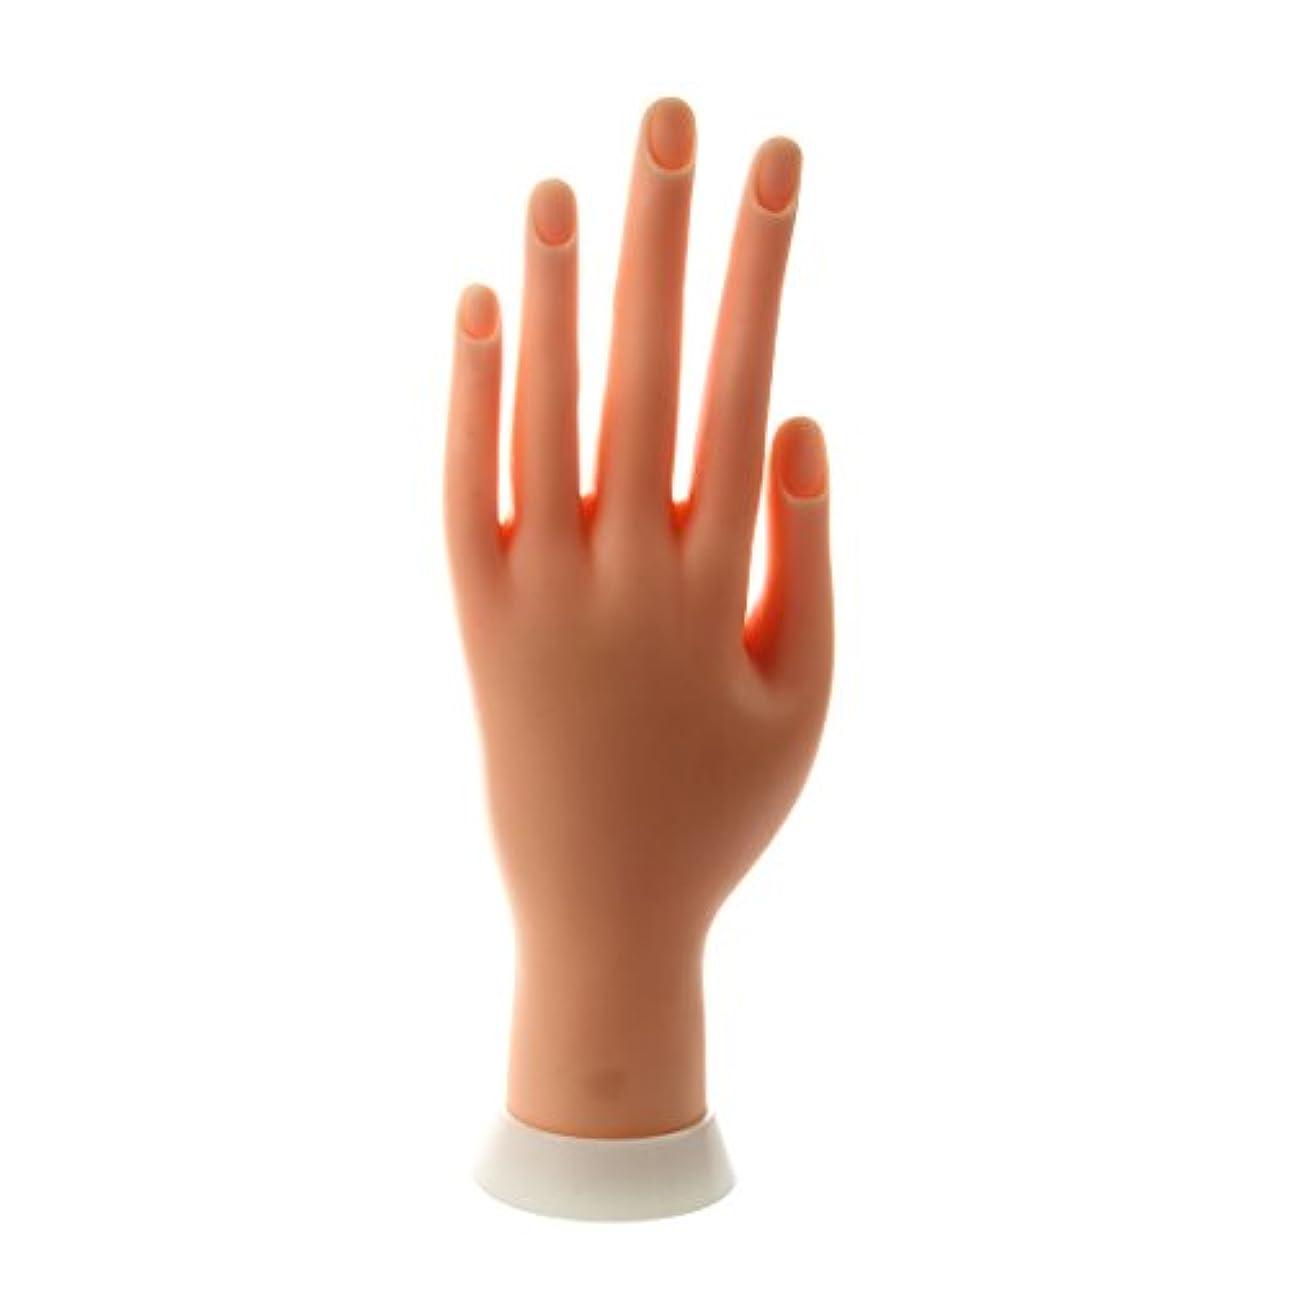 キリスト教マラドロイト牛肉ACAMPTAR ACAMPTAR(R) ネイルアートの練習のためのモデル左手